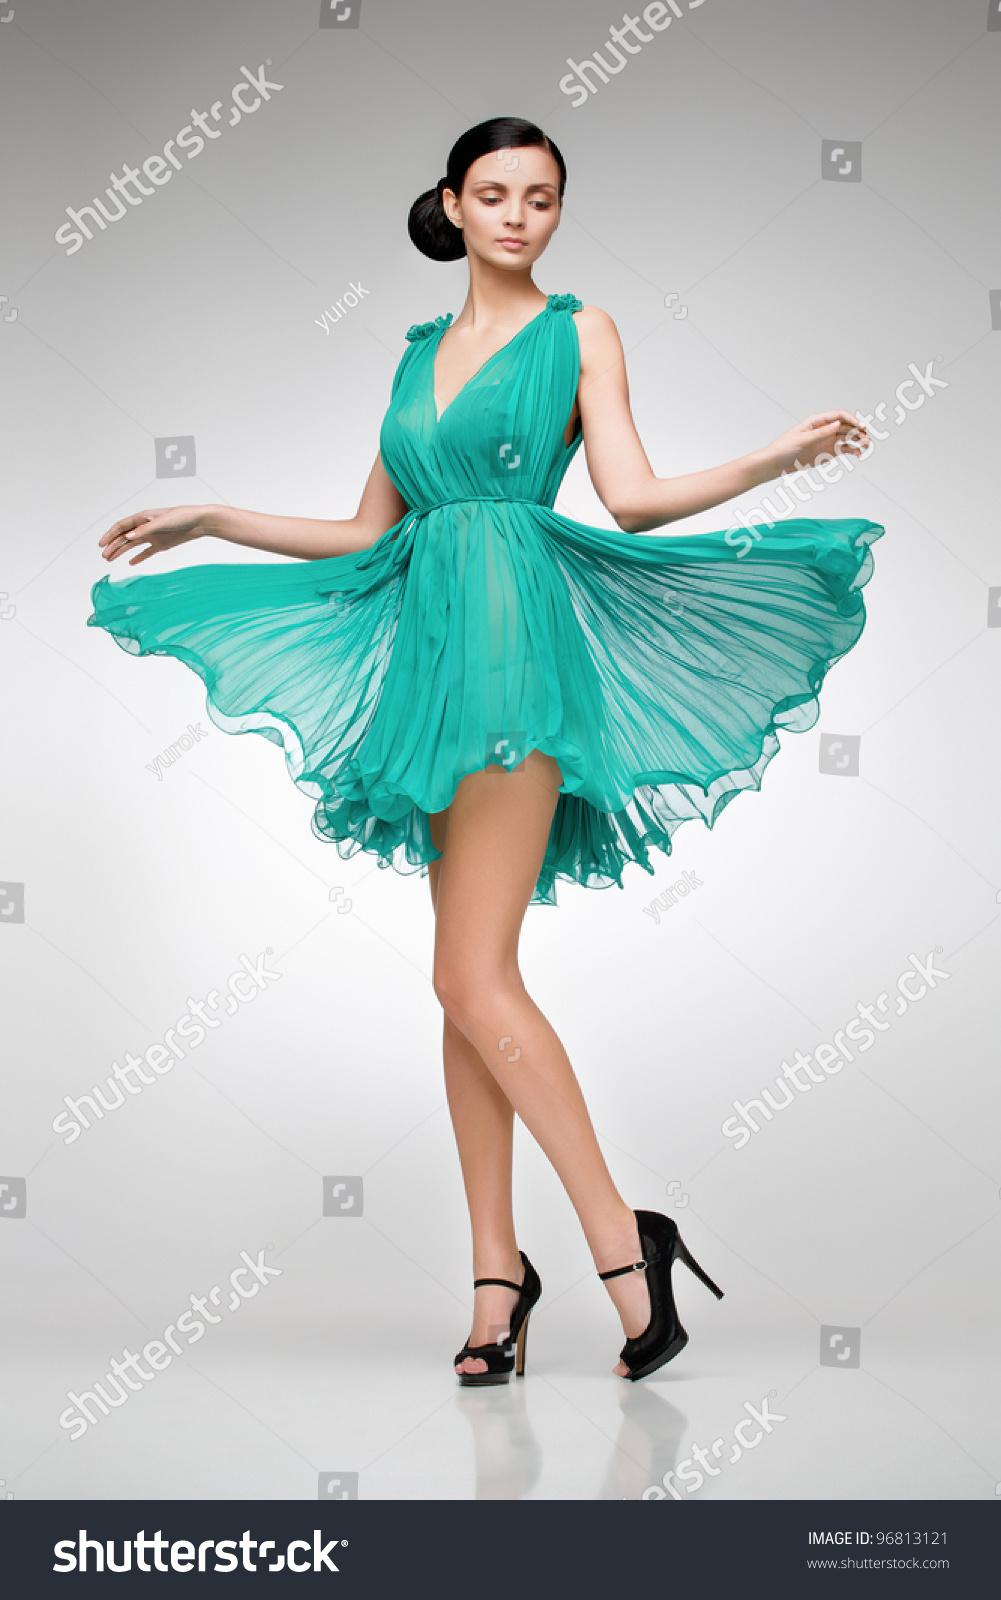 Фото девушки в платье в студии